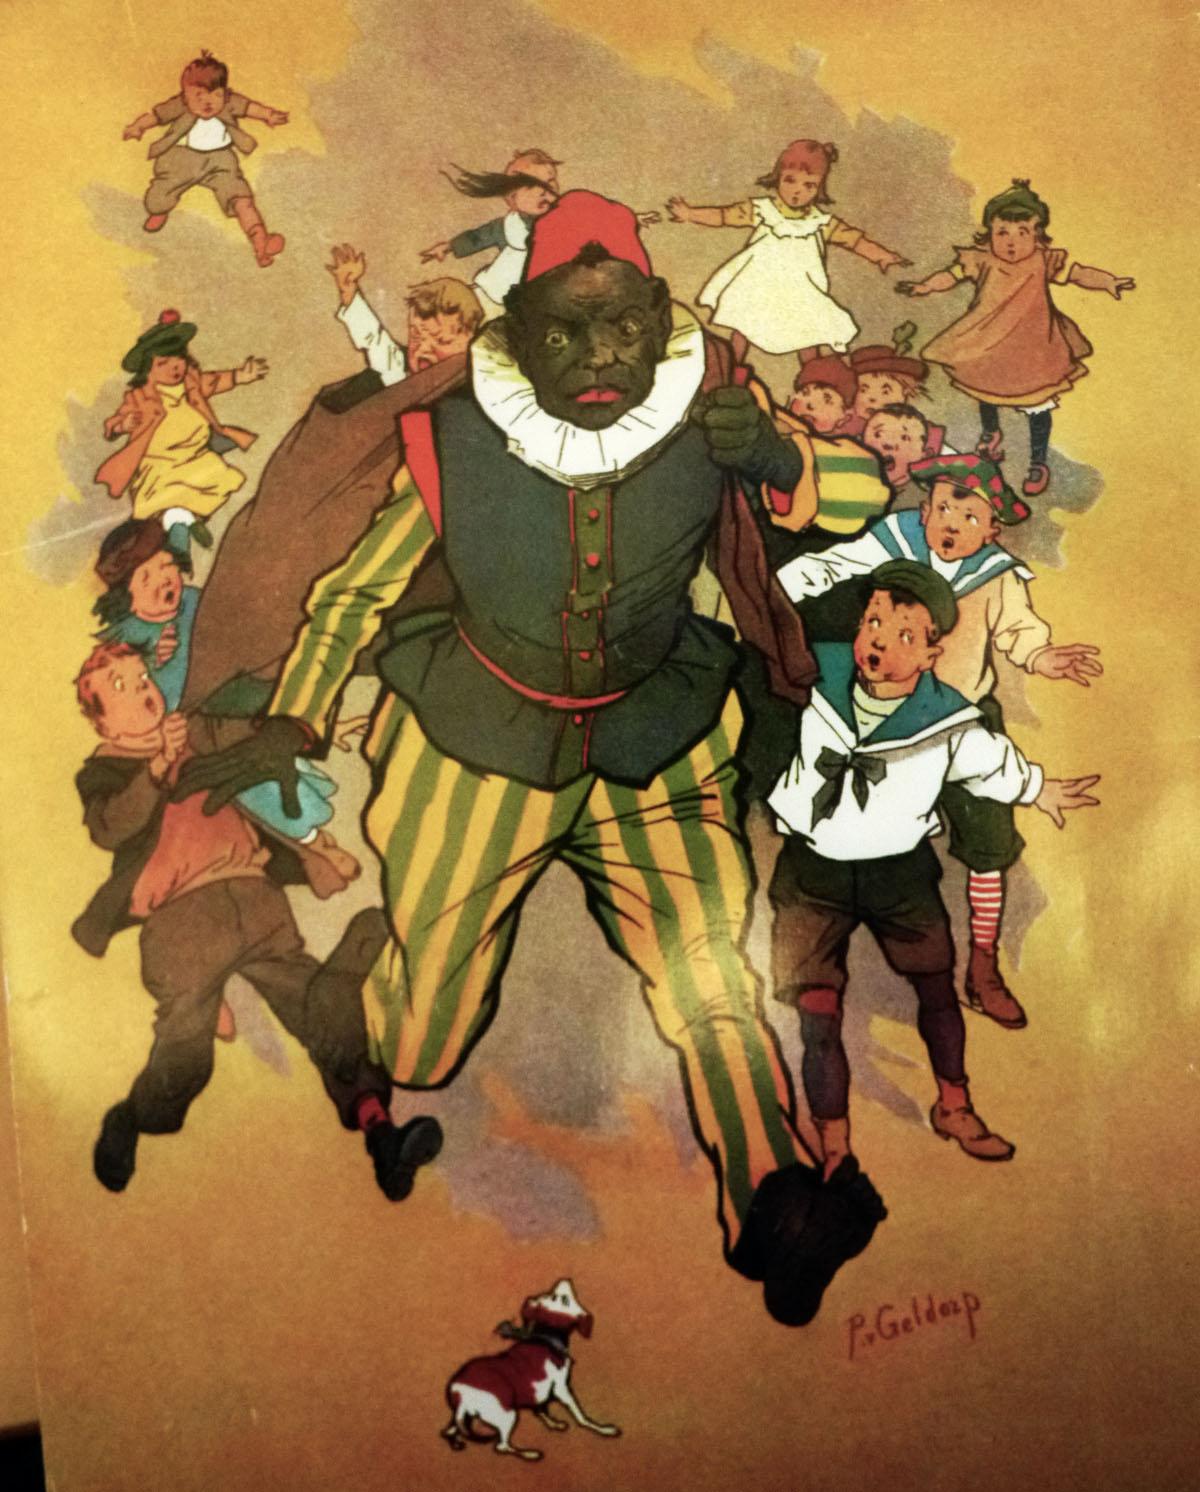 Zwarte Piet neemt stoute kinderen mee in de zak. Illustratie van P.J. van Geldorp van omstreeks 1914 (door mij weer gefotografeerd van een heruitgave)